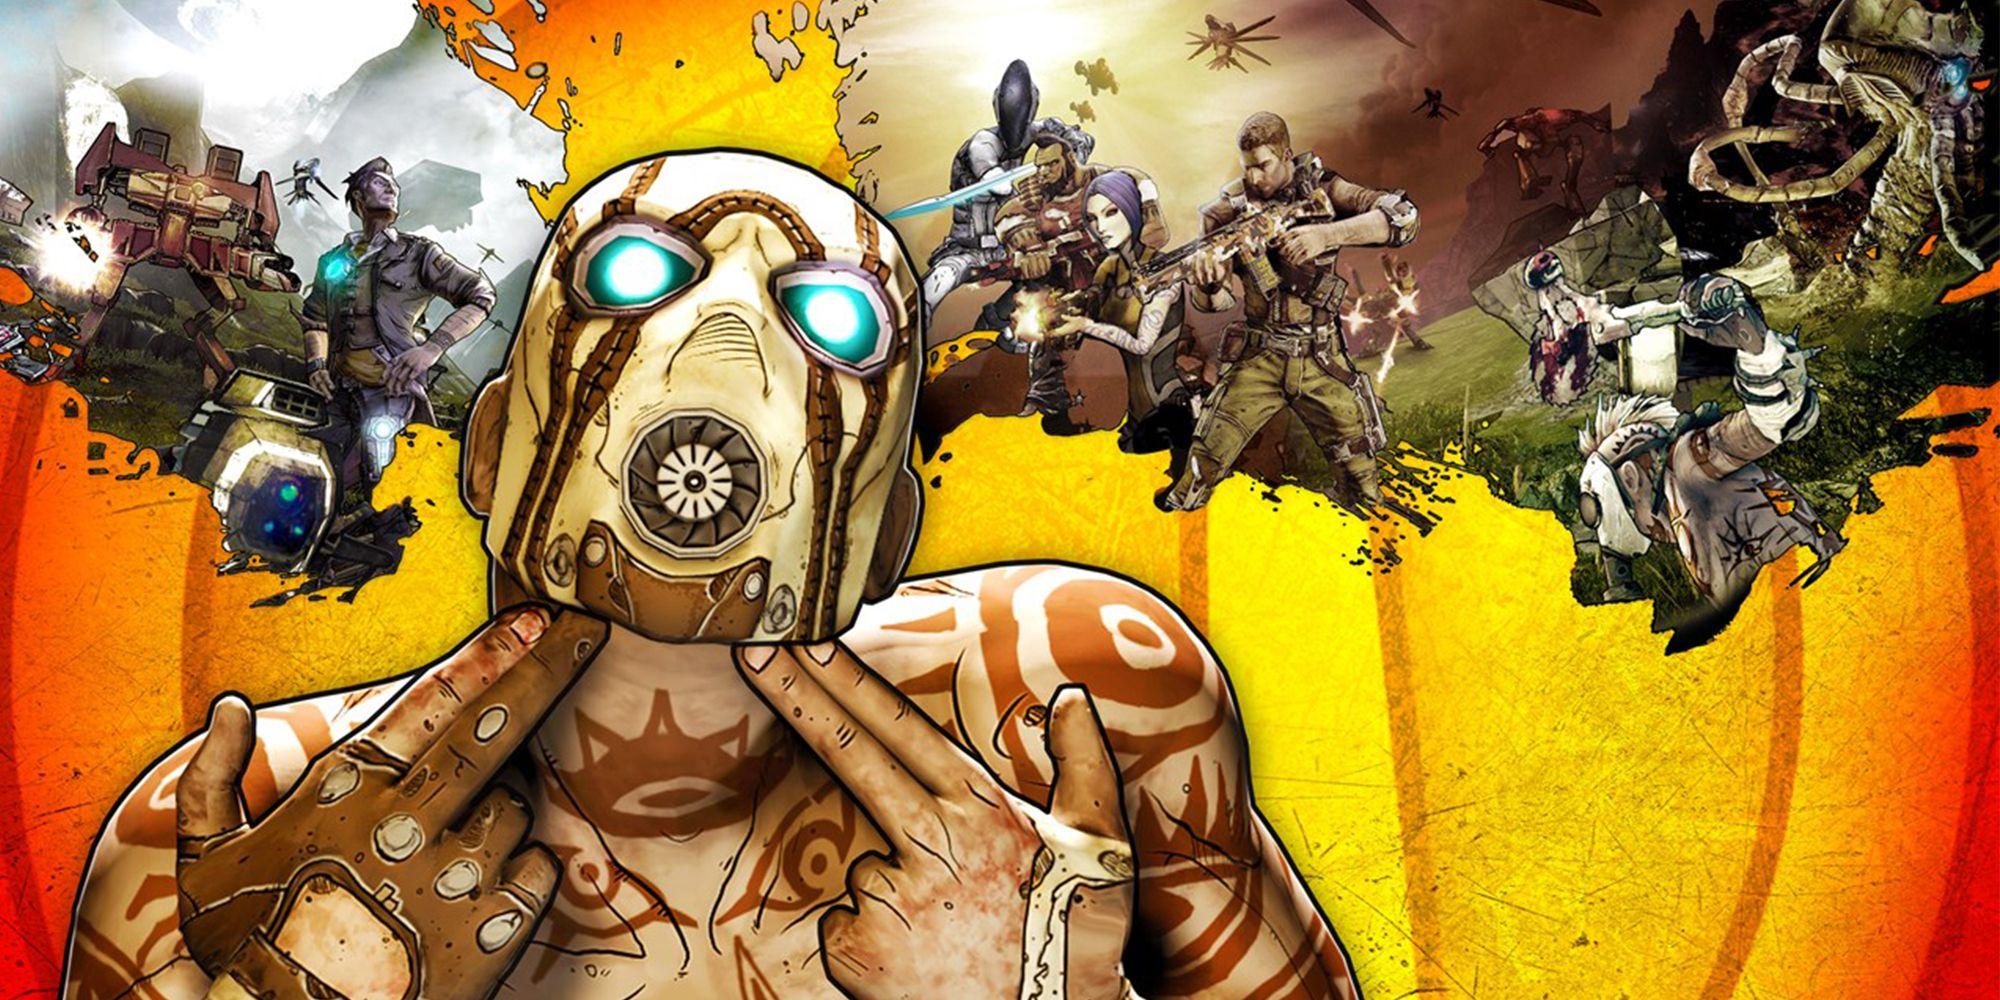 Borderlands 2 Wallpaper Download Free | PixelsTalk.Net